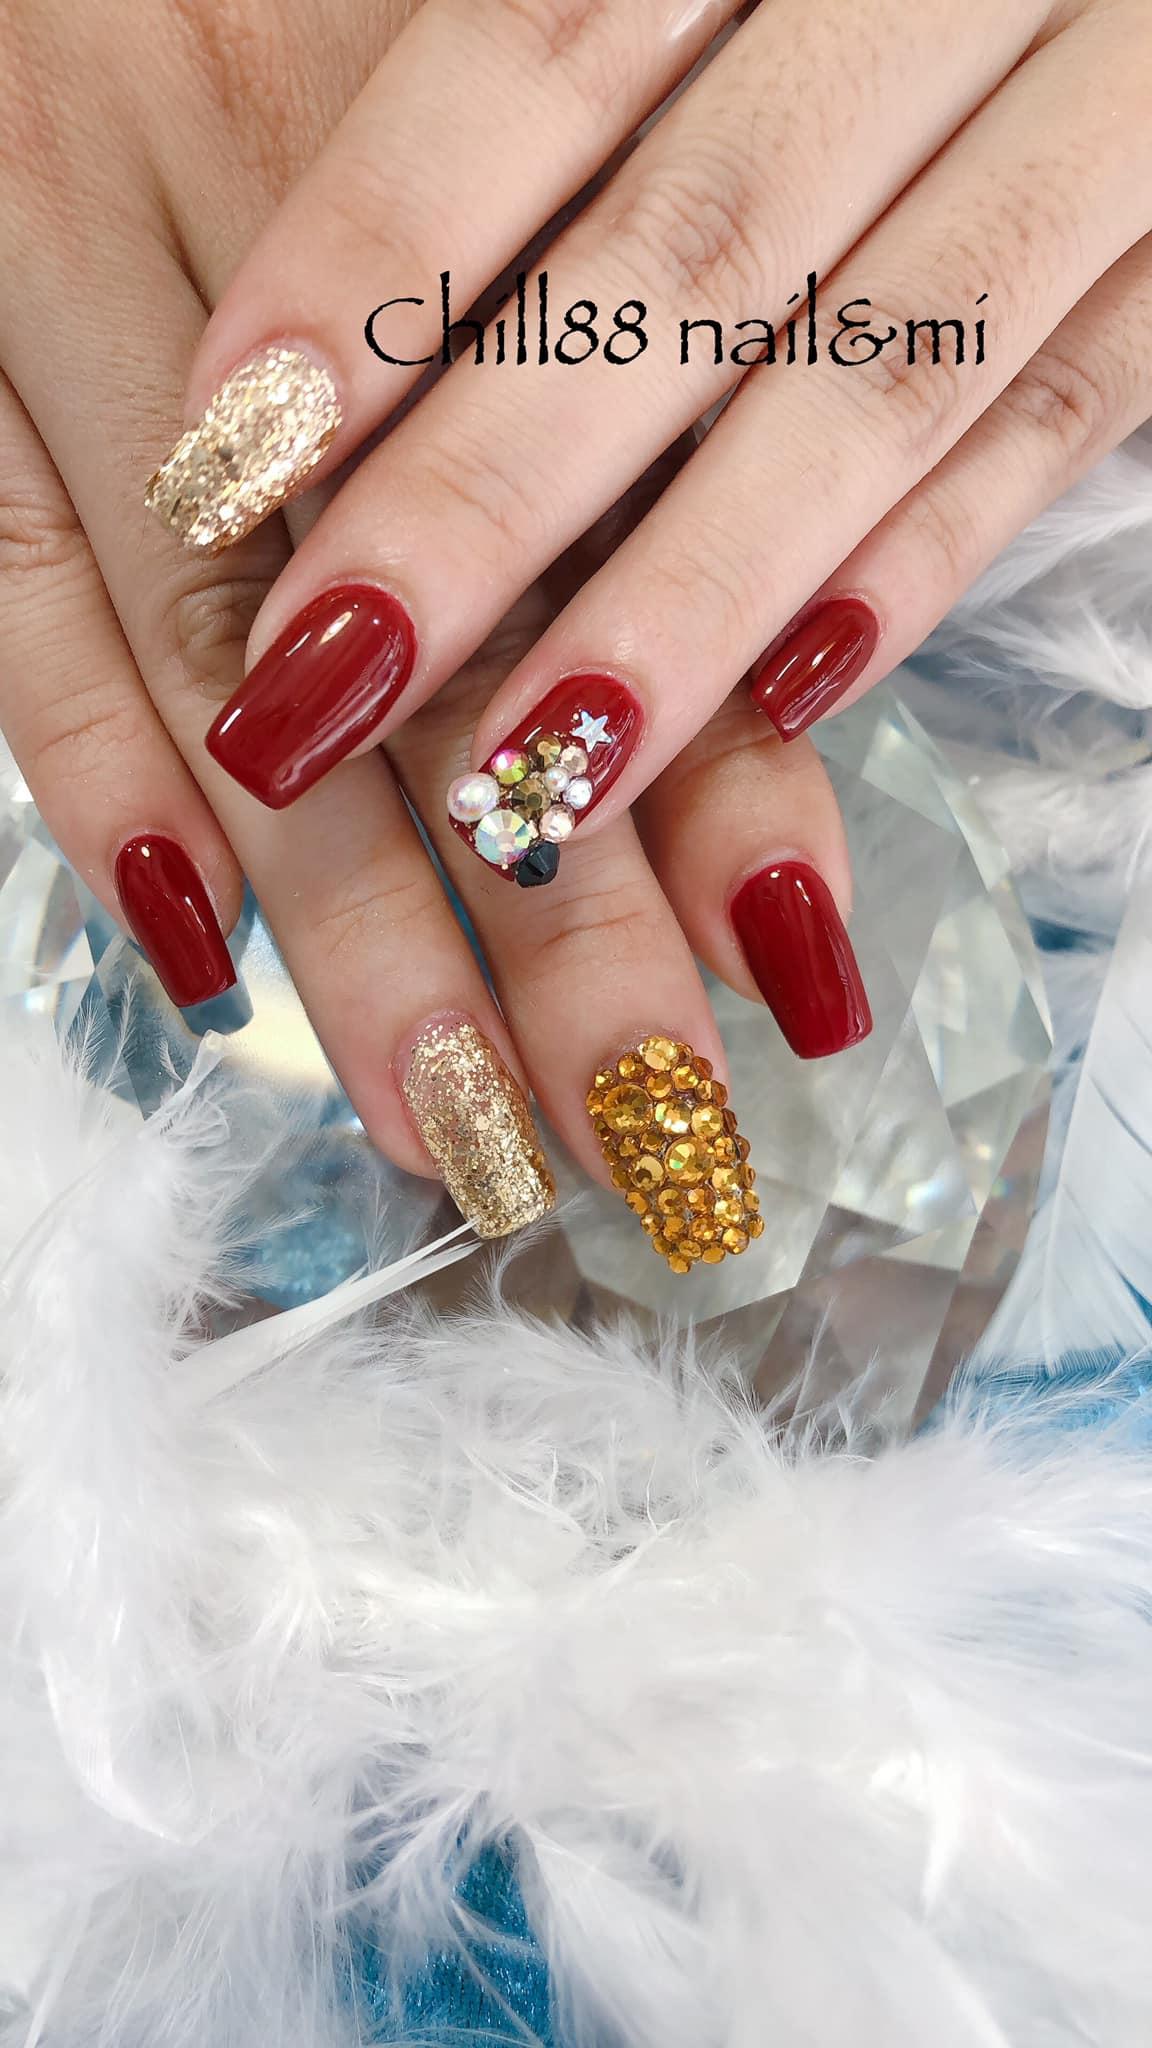 Hưởng ứng Noel bằng những mẫu nail có họa tiết nổi bật và độc đáo - Ảnh 5.